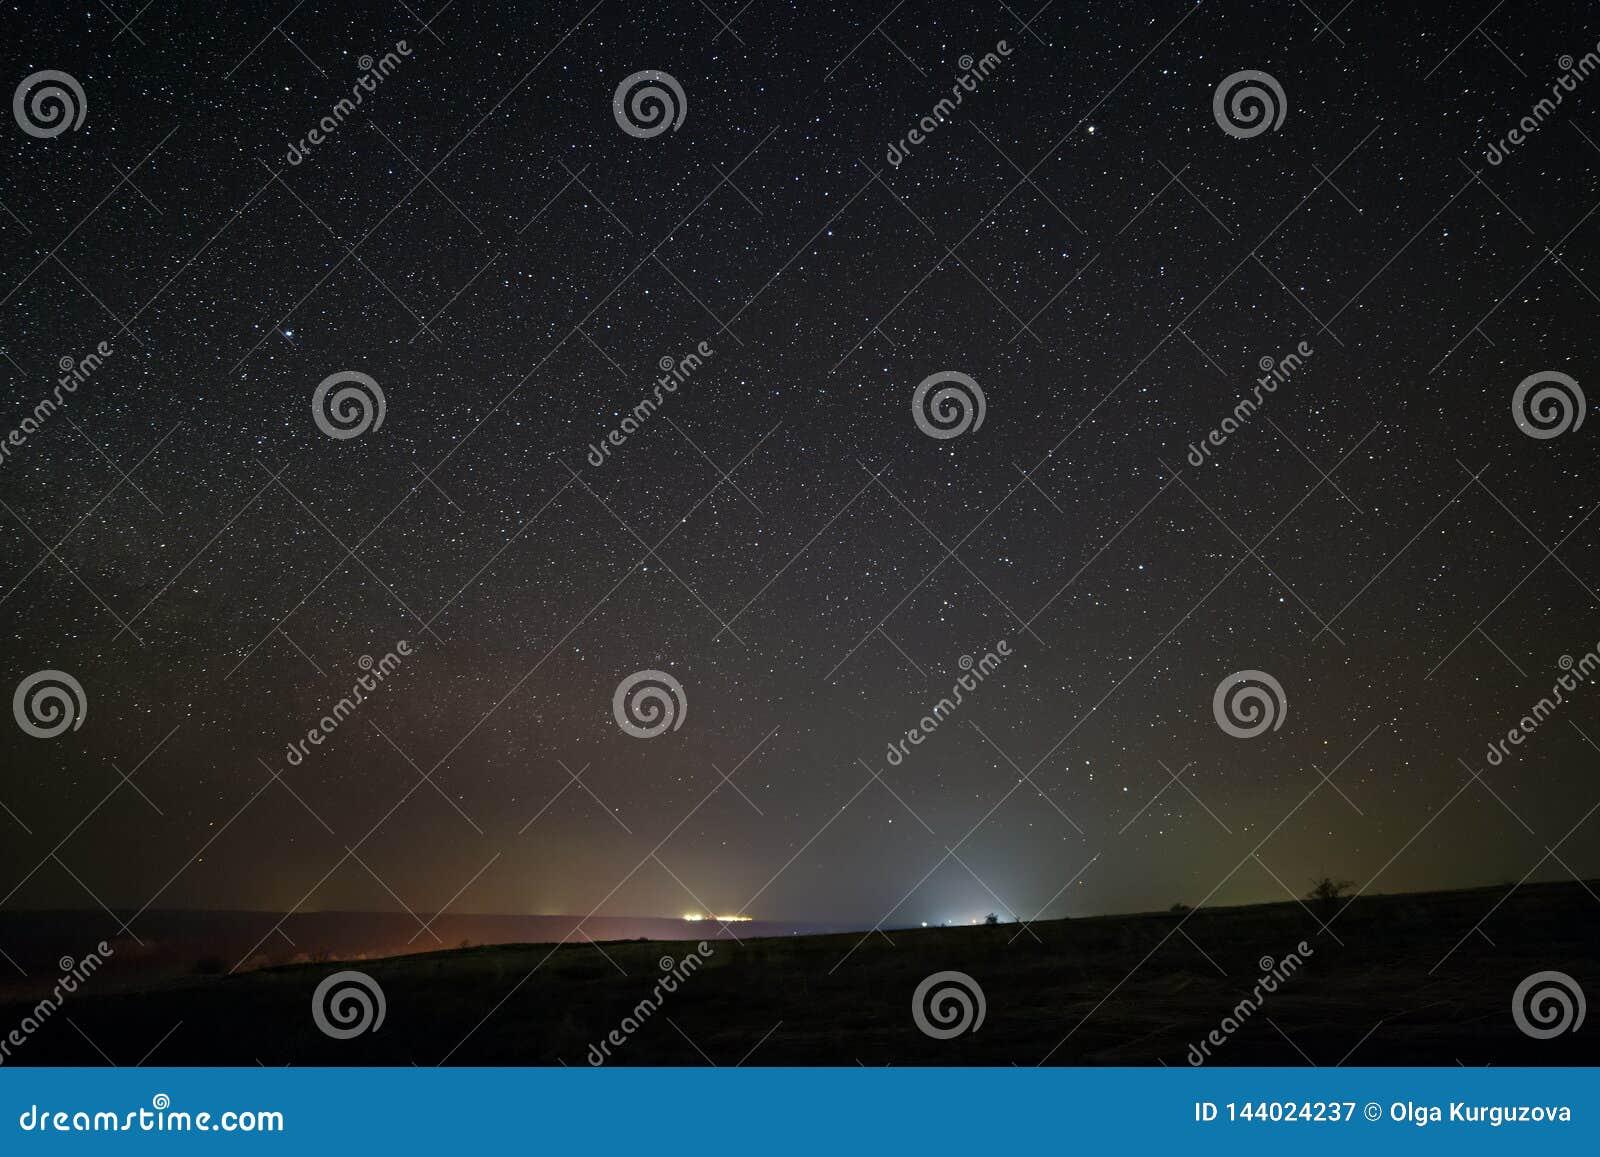 Heldere sterren in de nachthemel met verlichting van de straatlantaarns van de stad Lichte verontreiniging